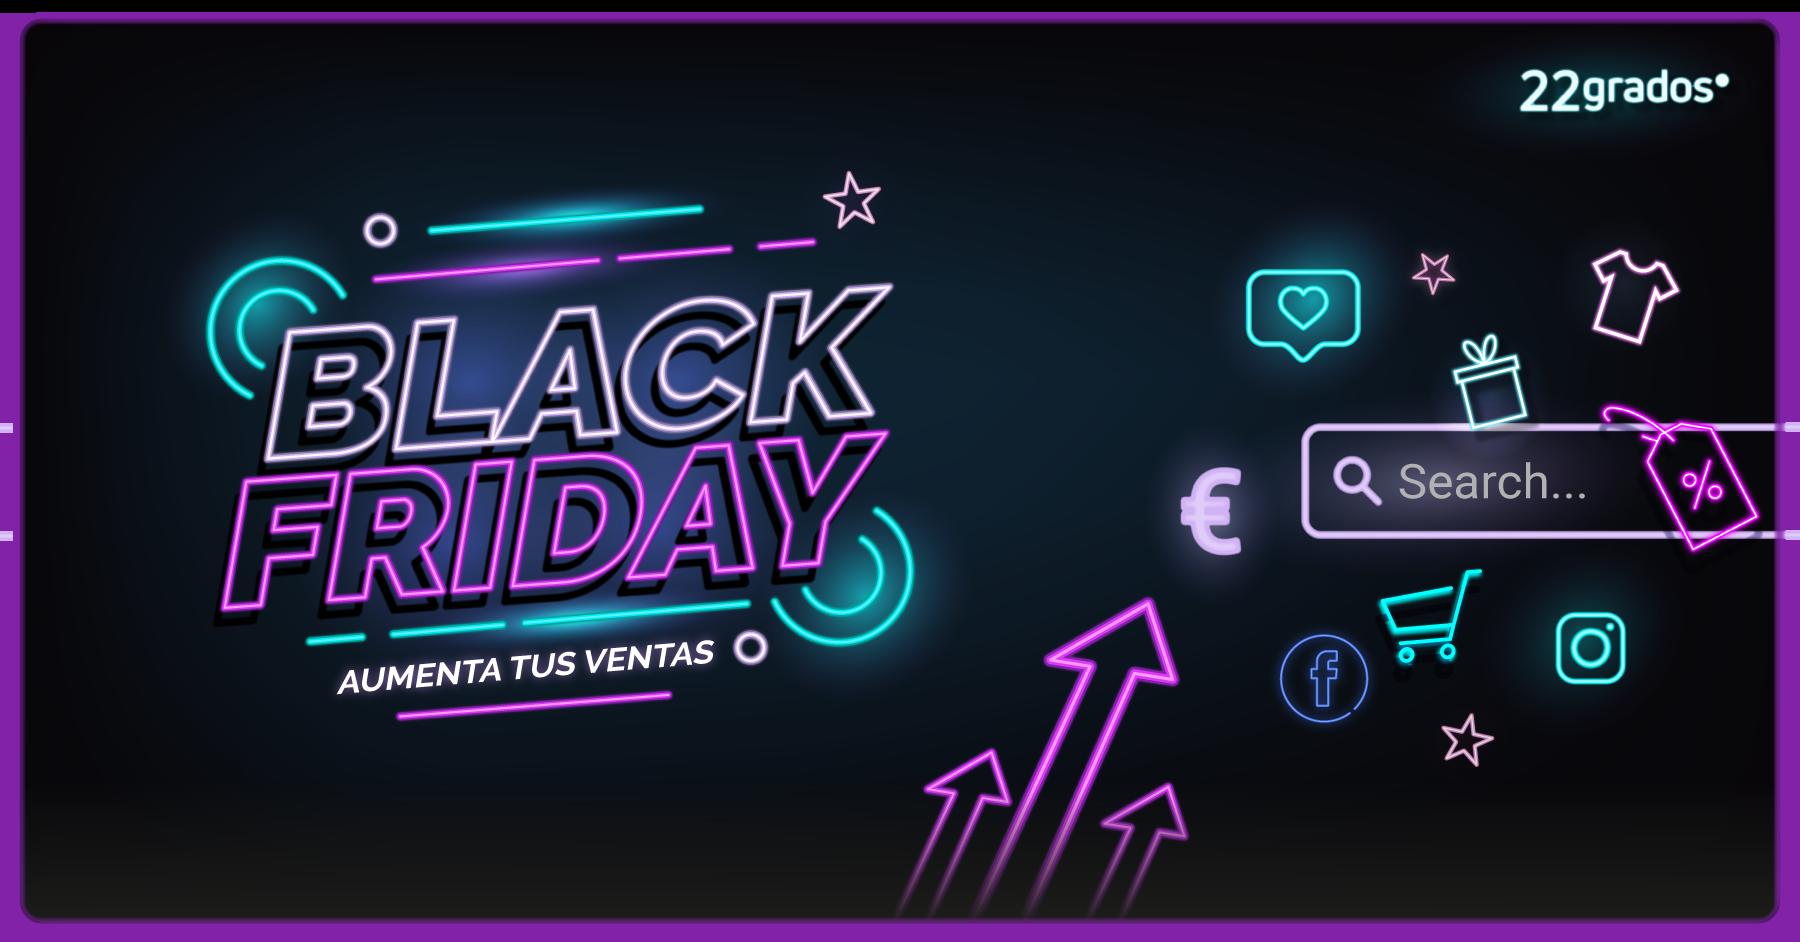 Aumenta tus ventas en este Black Friday